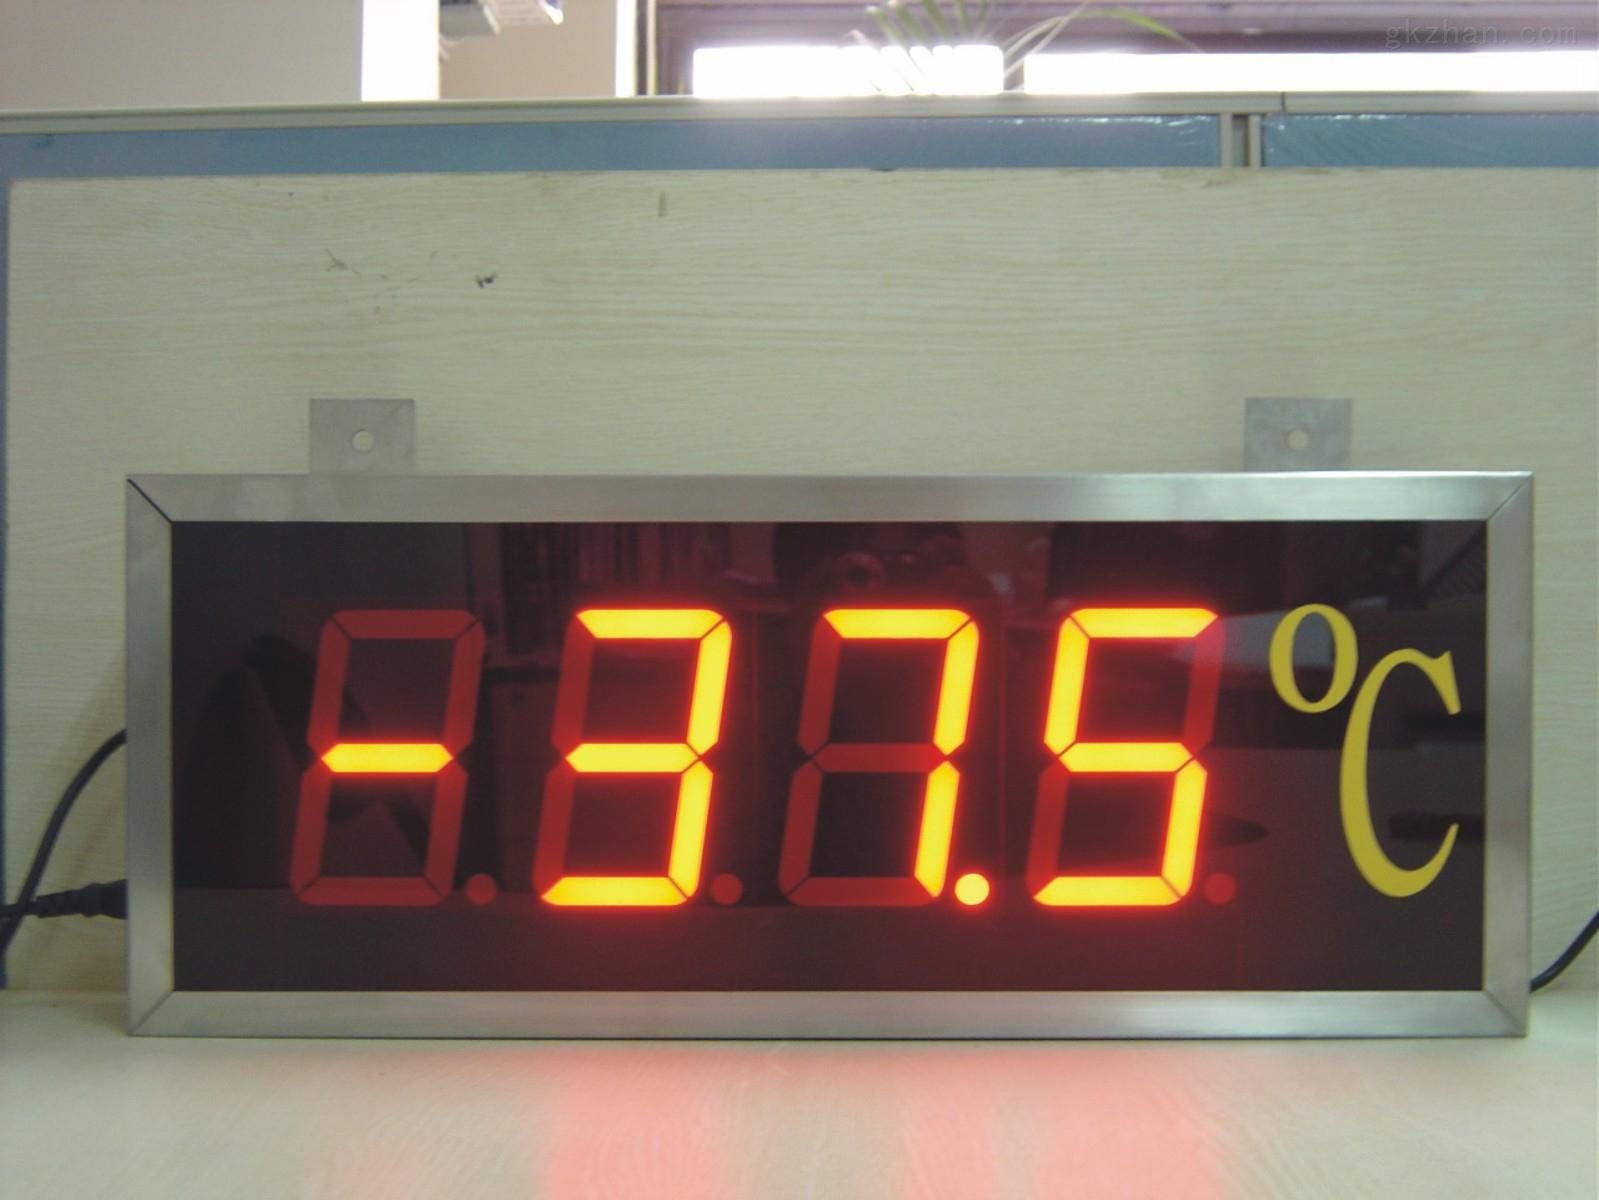 汉川 温湿度显示屏现货供应,价格优惠